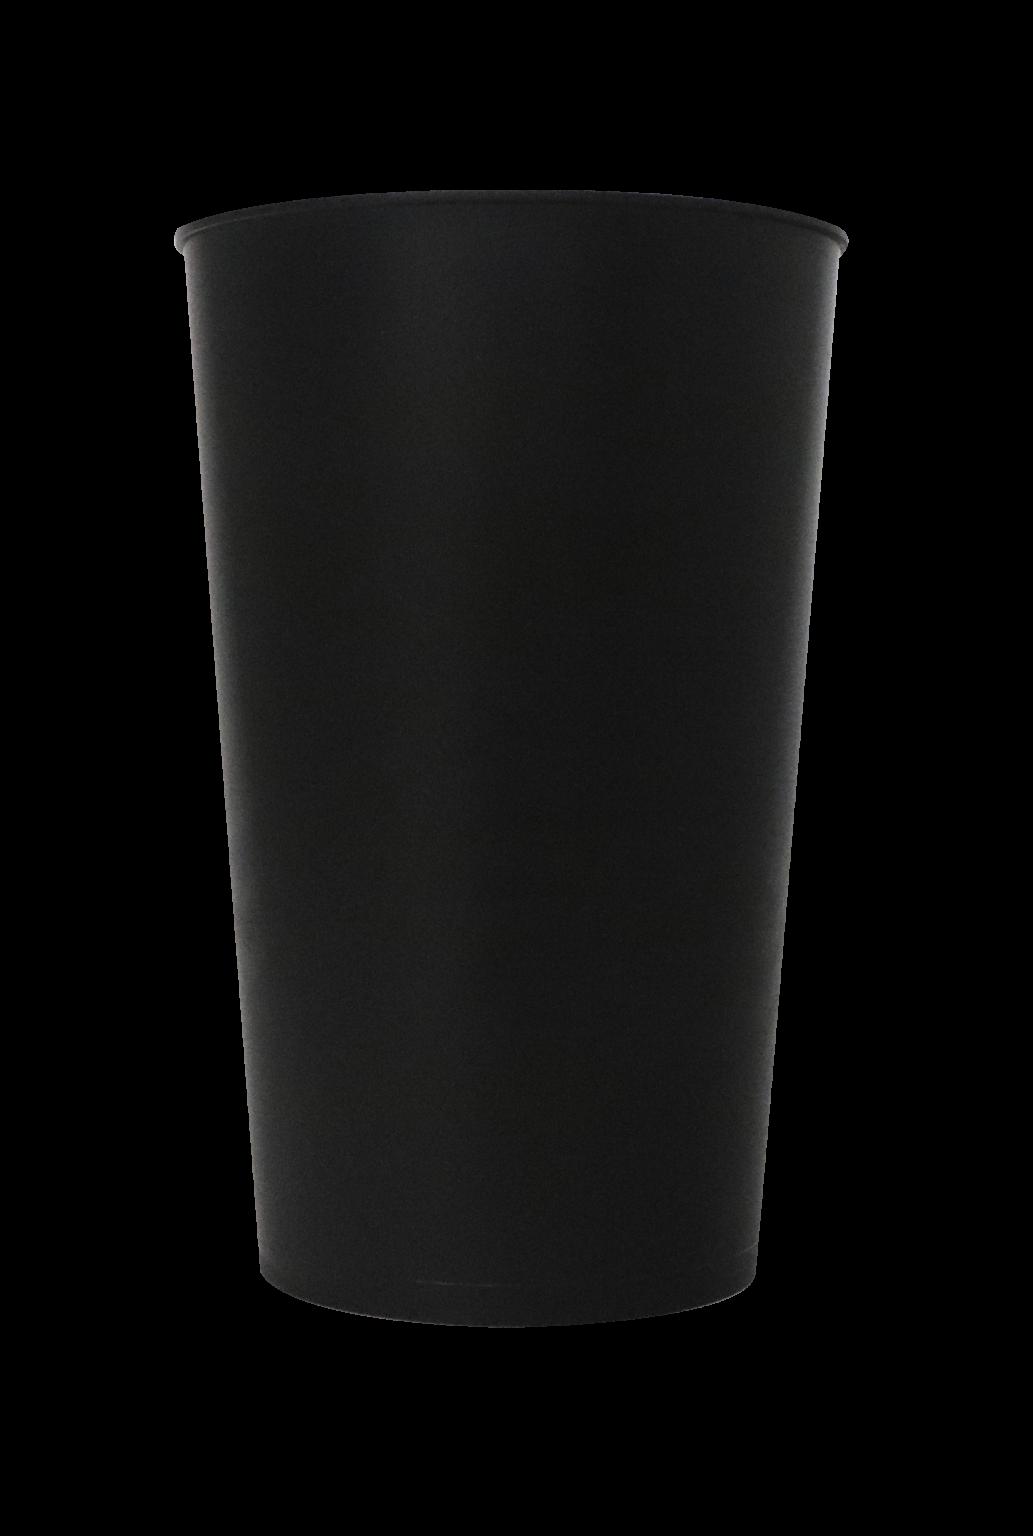 Copo Label 550ml - PacGame - Copo preto liso